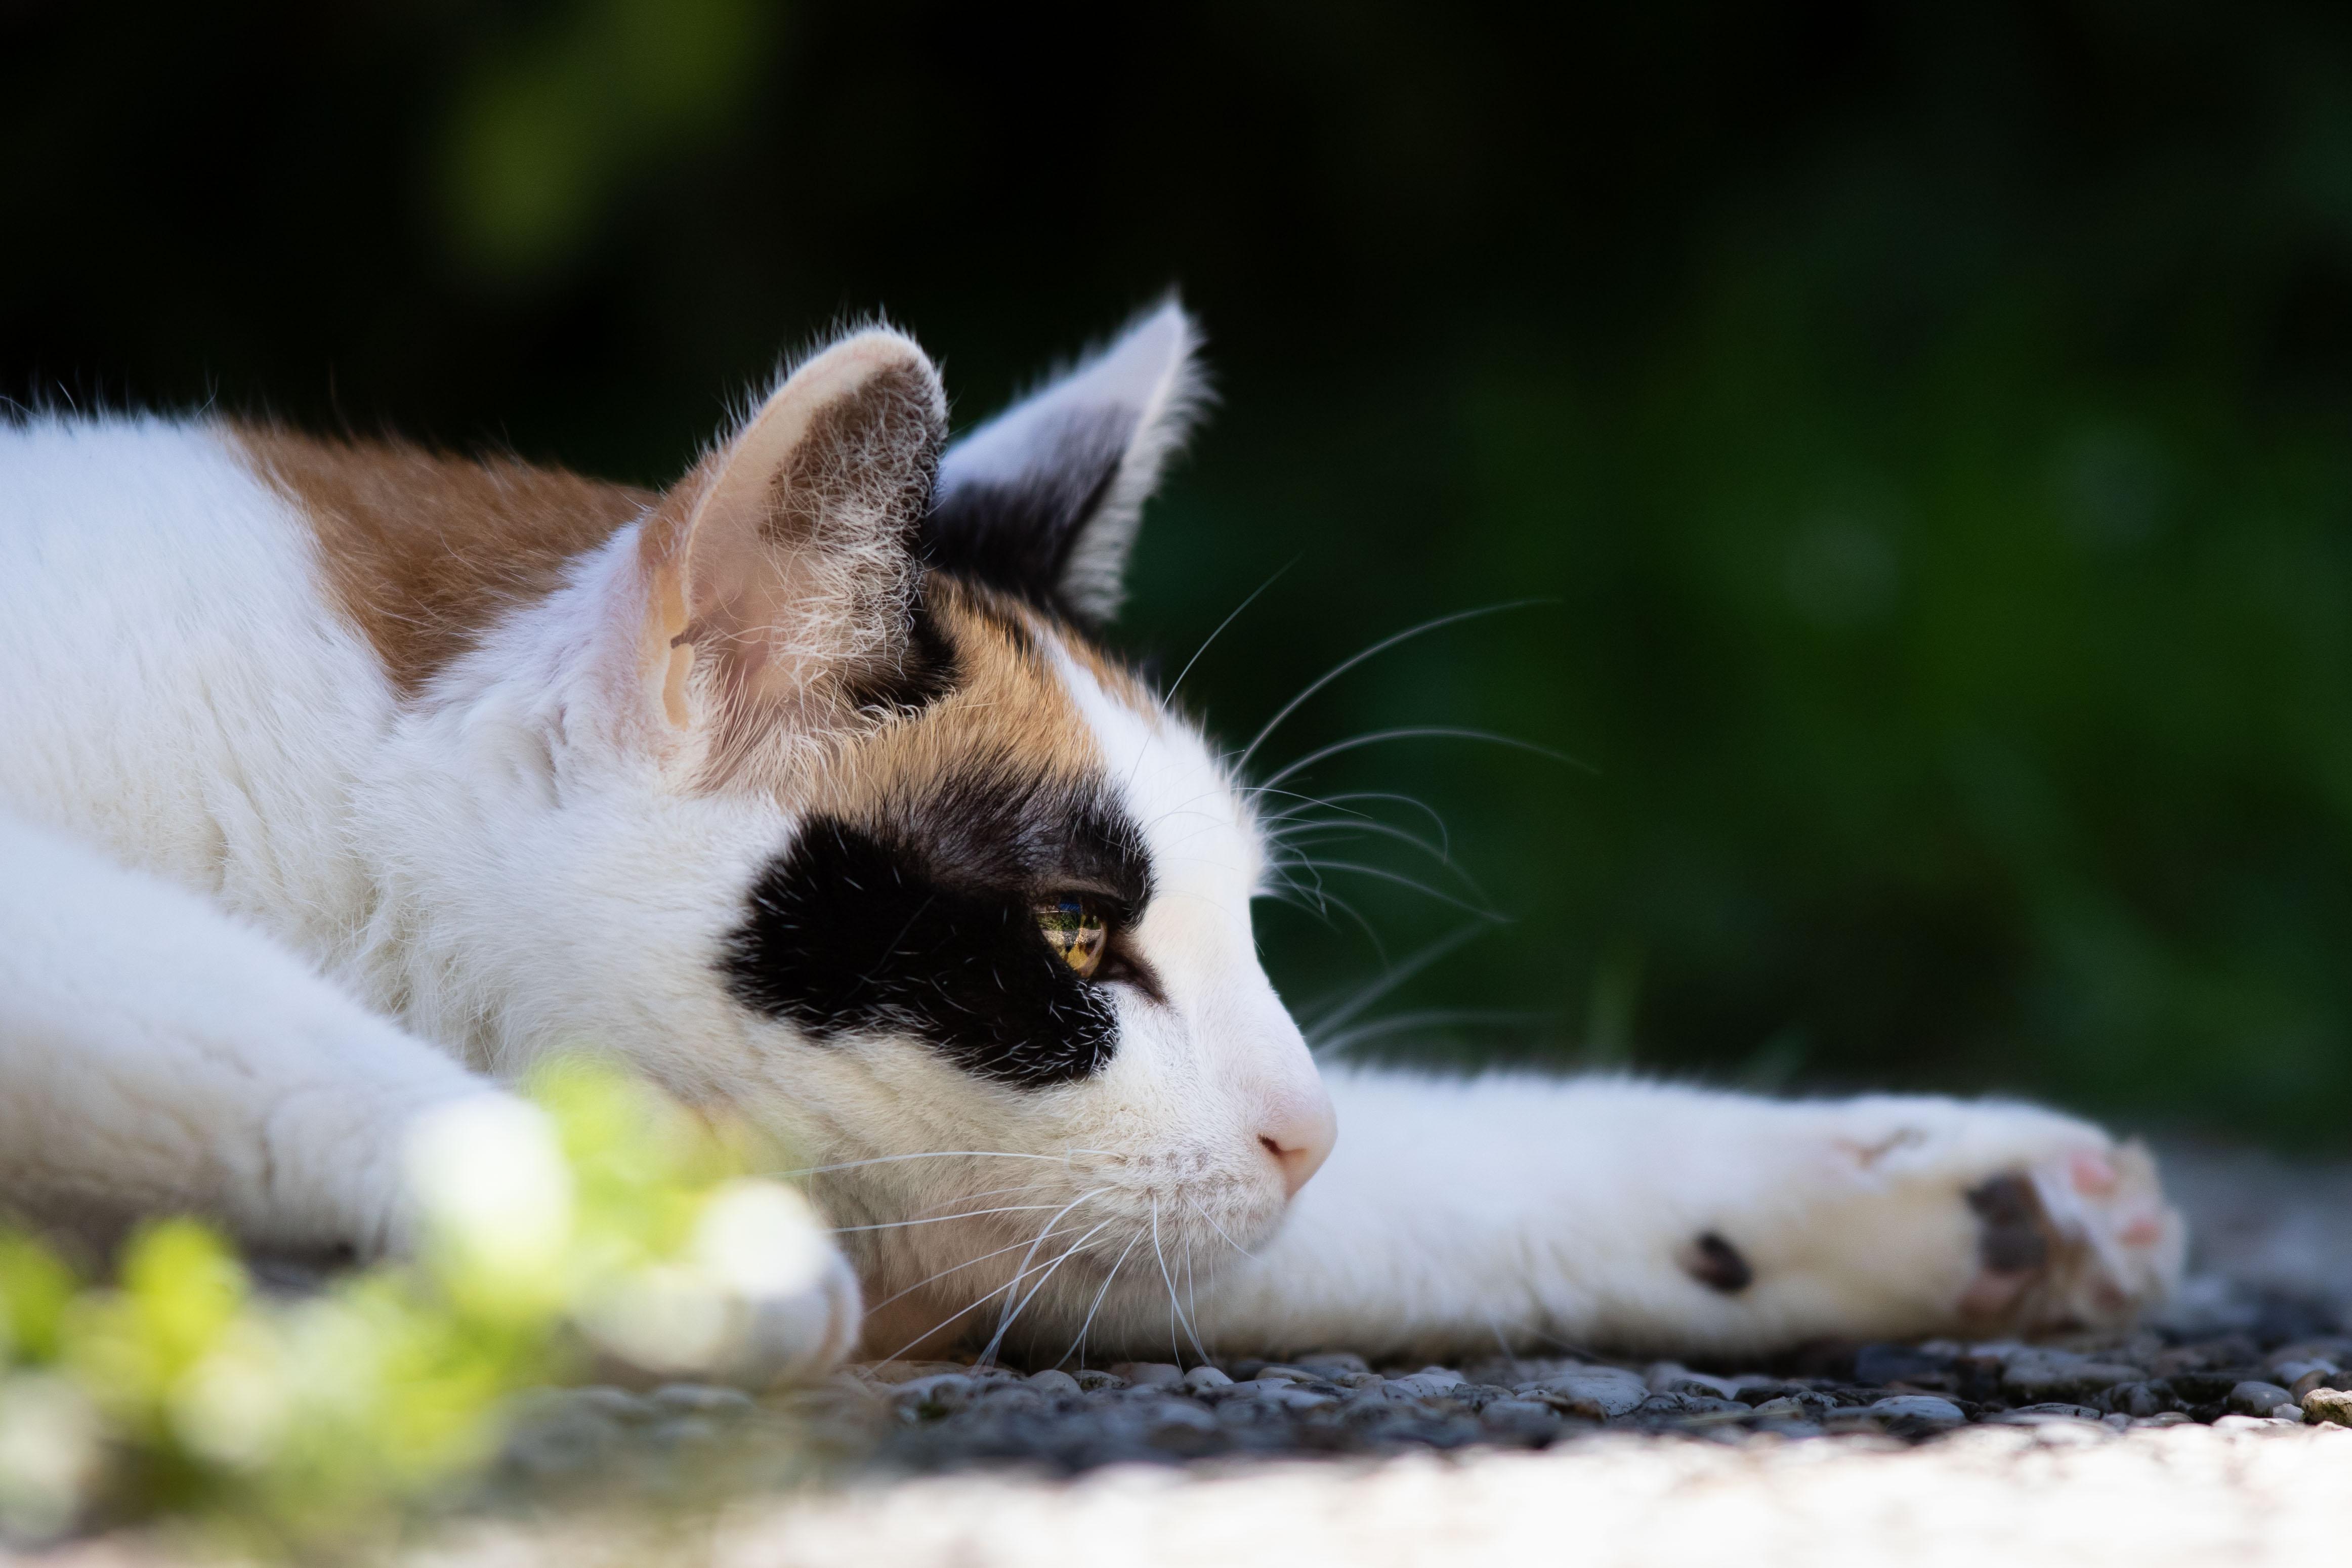 Marleen Verheul Fotografie, dierenfotografie, kattenfotografie, dierenfotograaf, lapjes kat ligt in de achtertuin